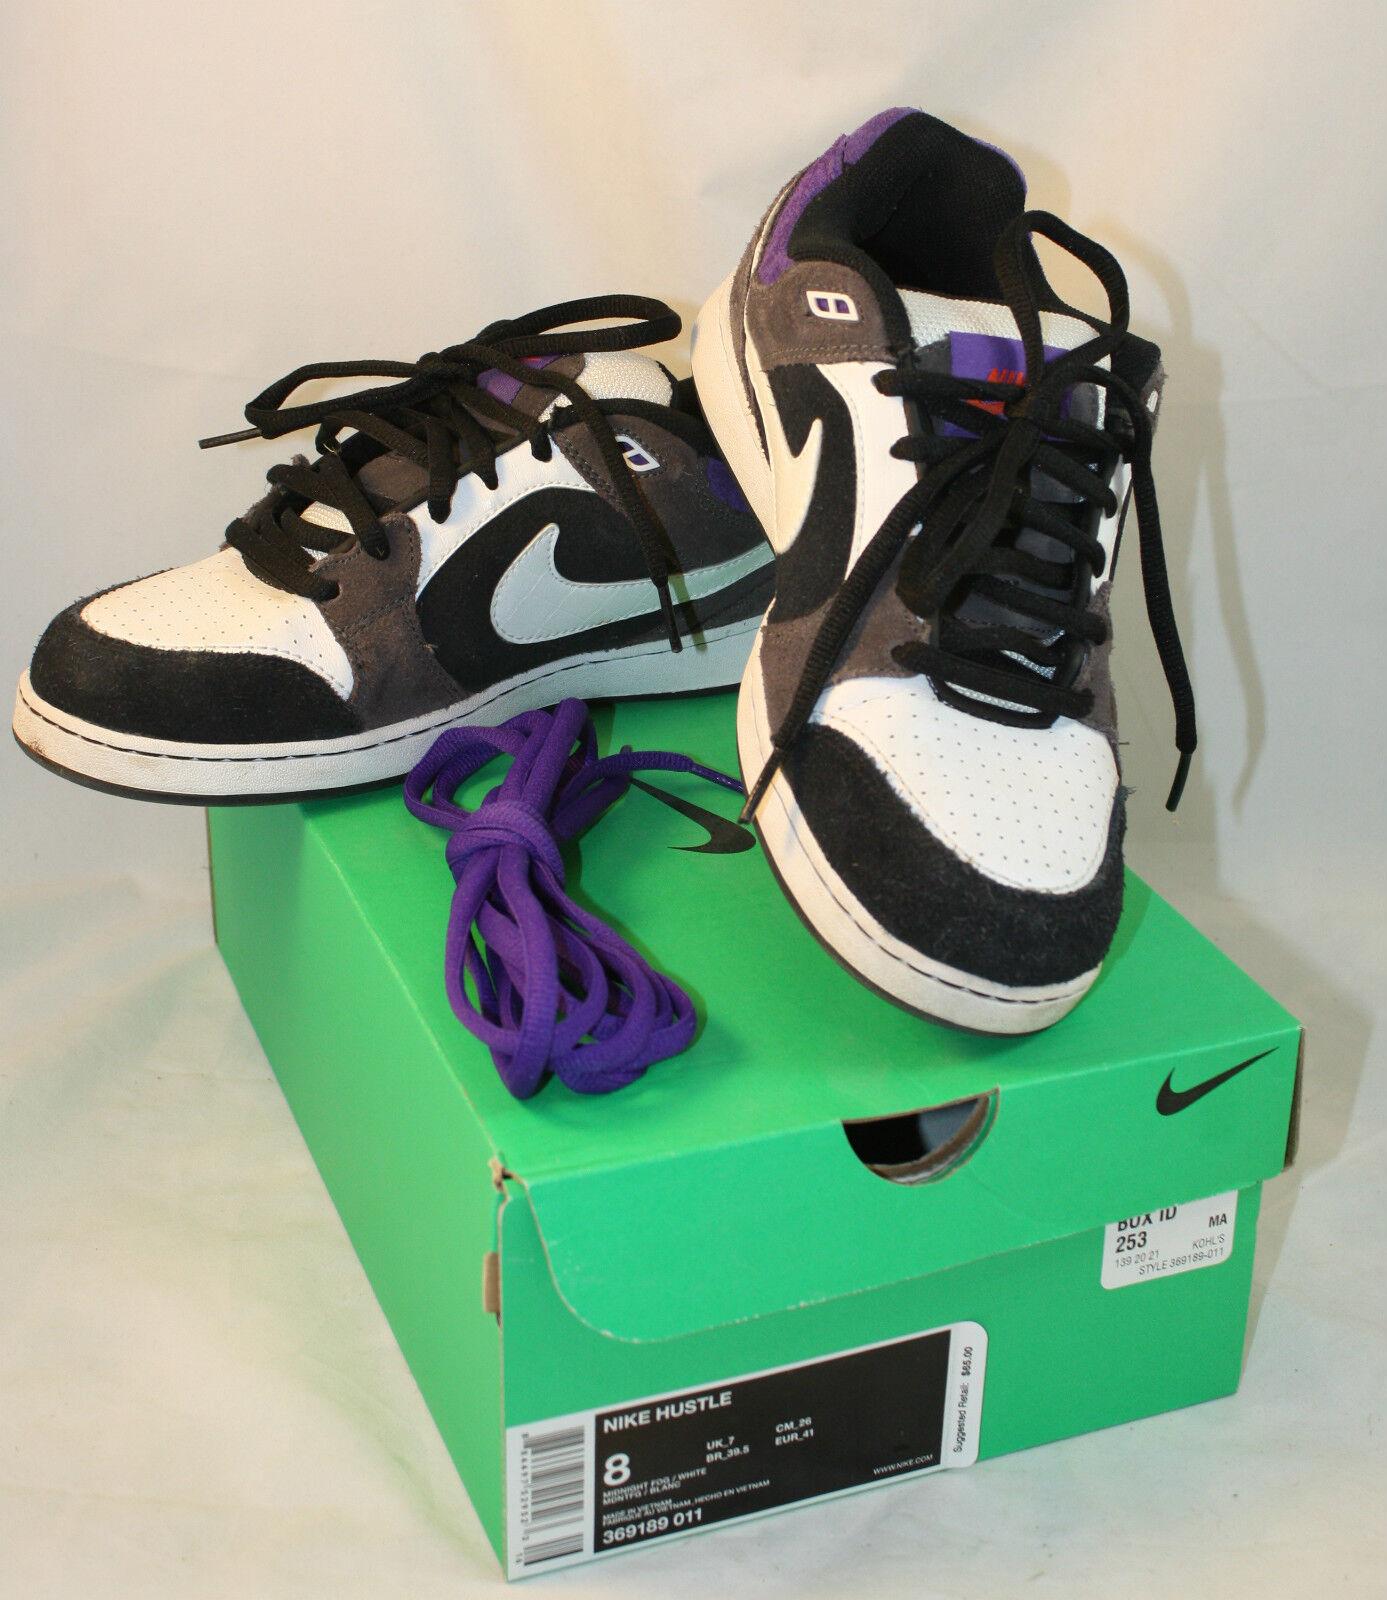 Nike Hustle Skate Skateboarding Sneakers Shoes Black White Mens 8 Midnight Fog